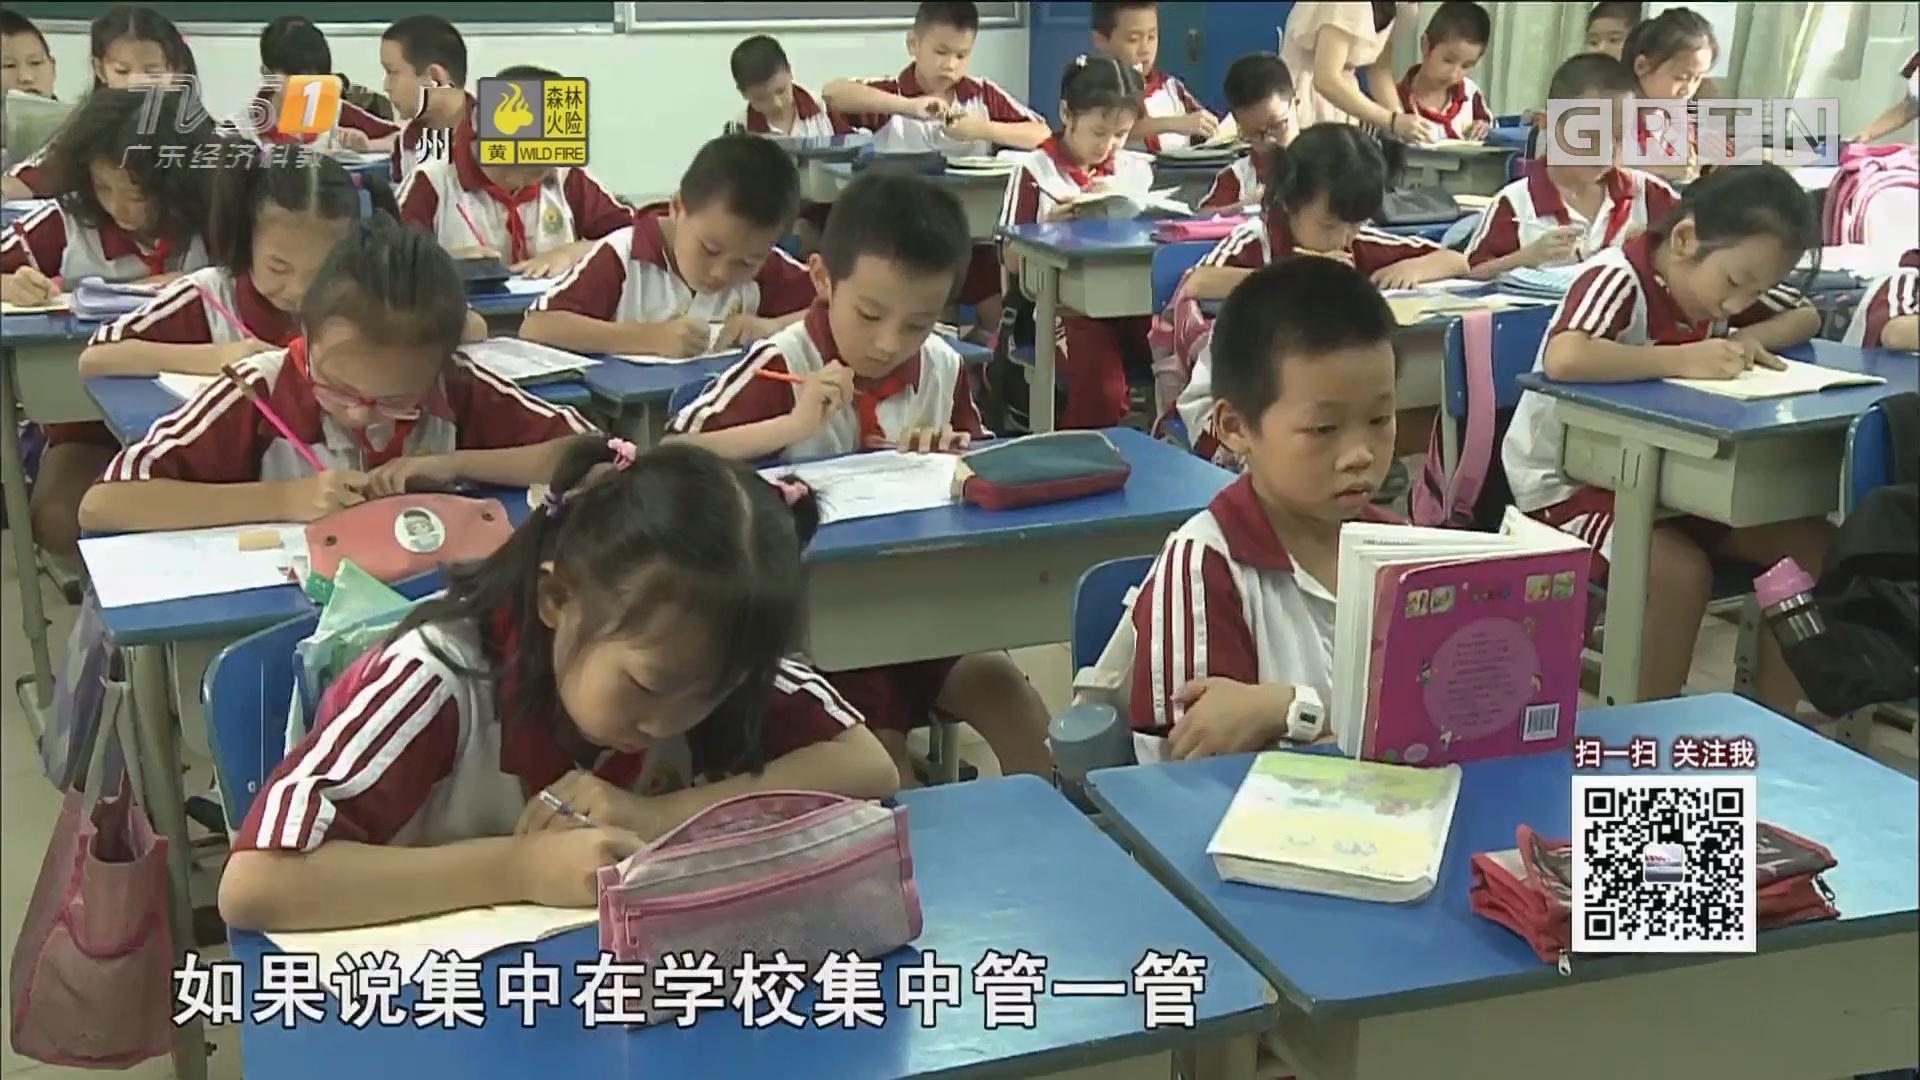 广东:中小学校内课后托管可到下午6点